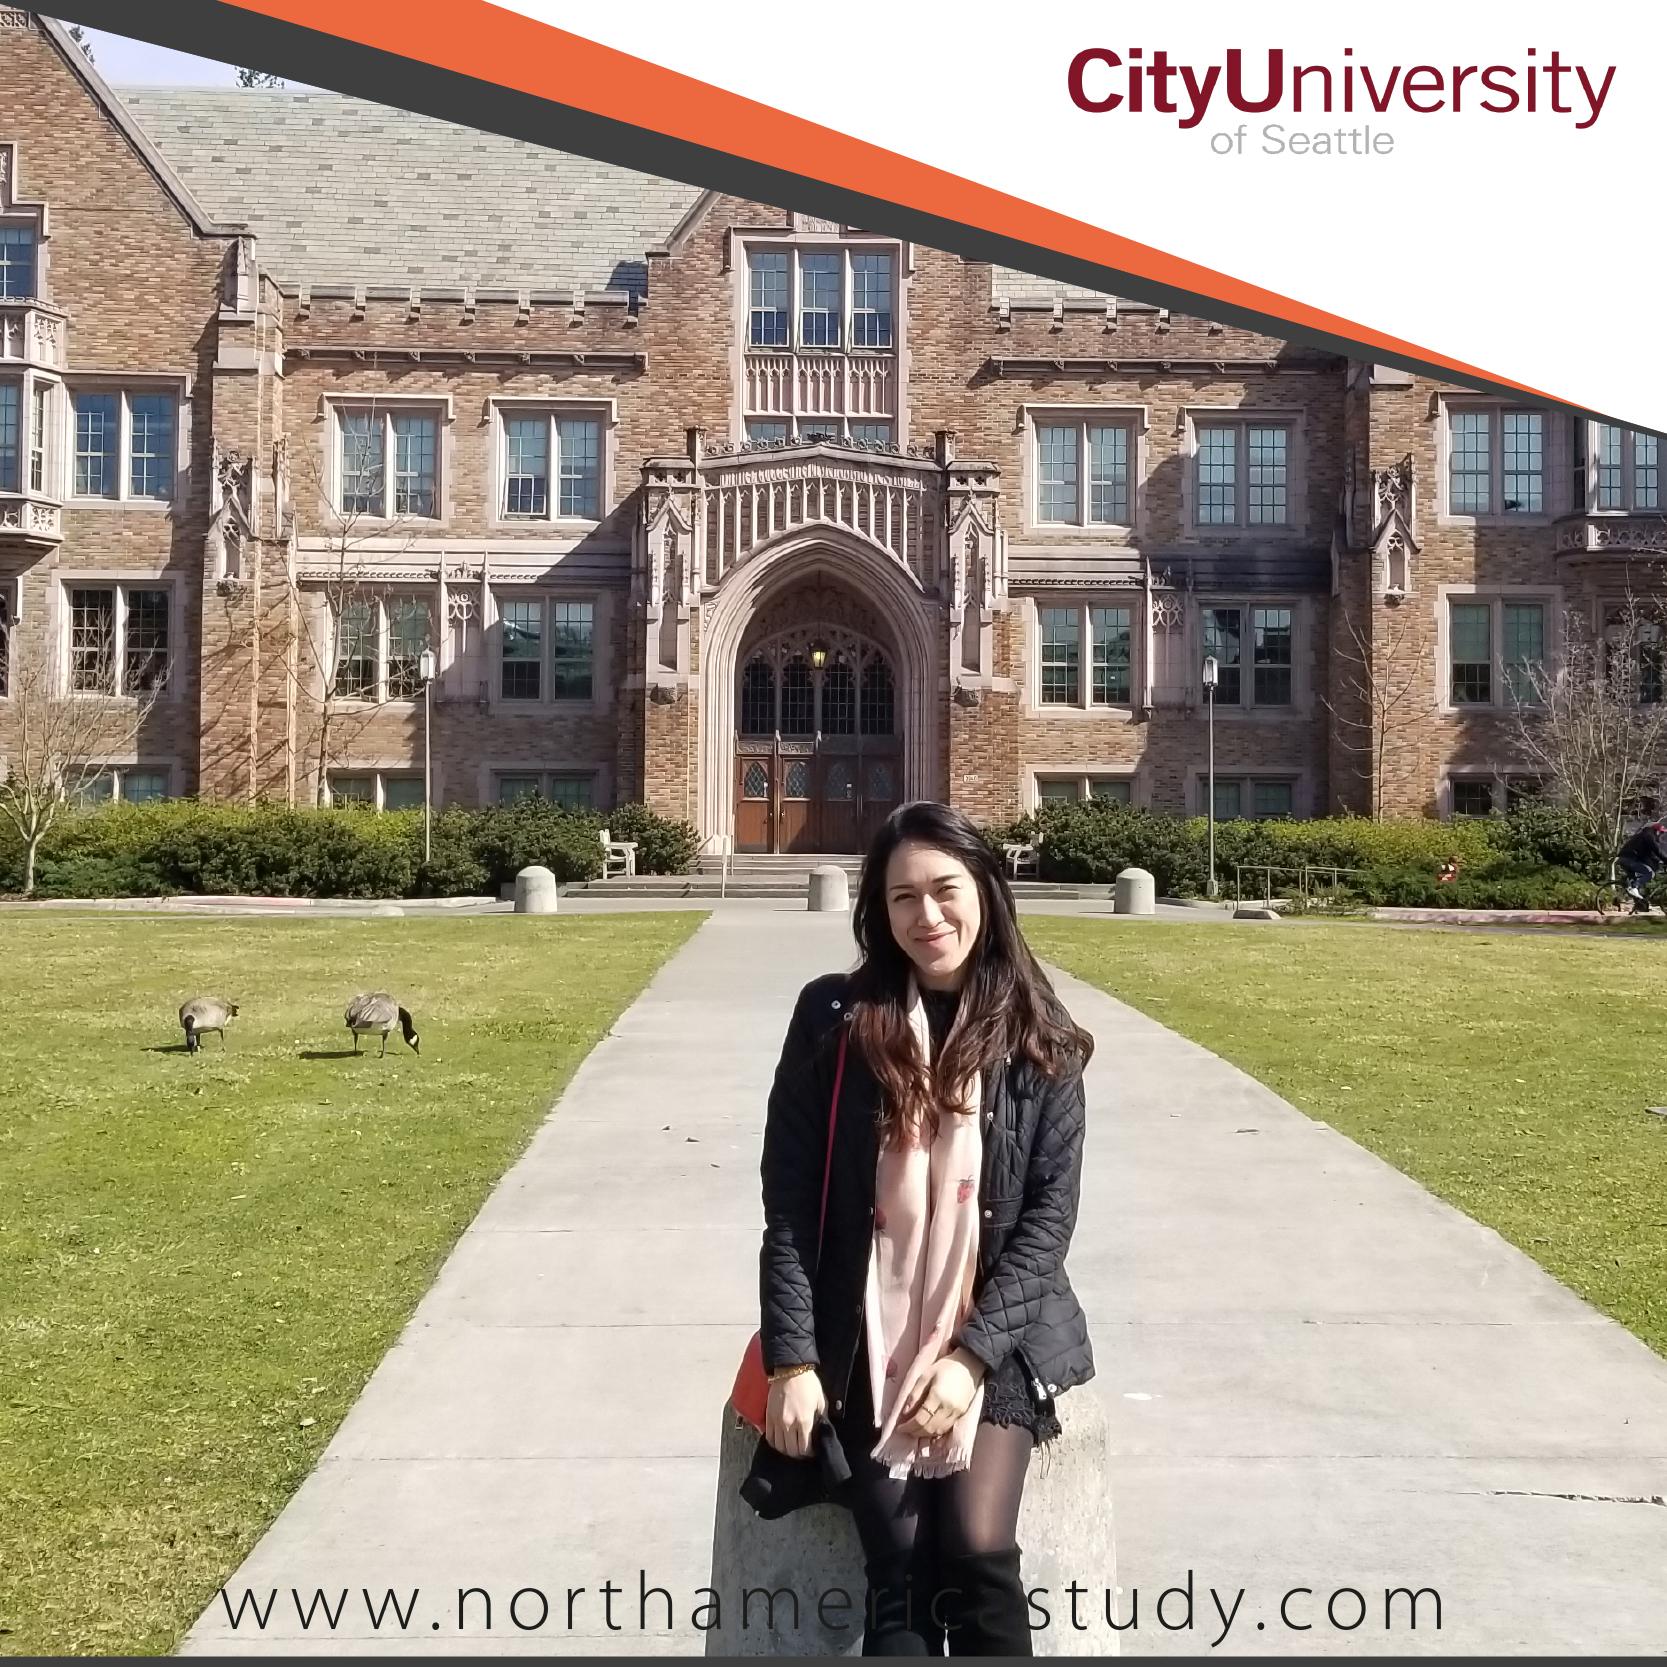 รีวิวจากน้องชมนภัส เรียนที่ City University of Seattle